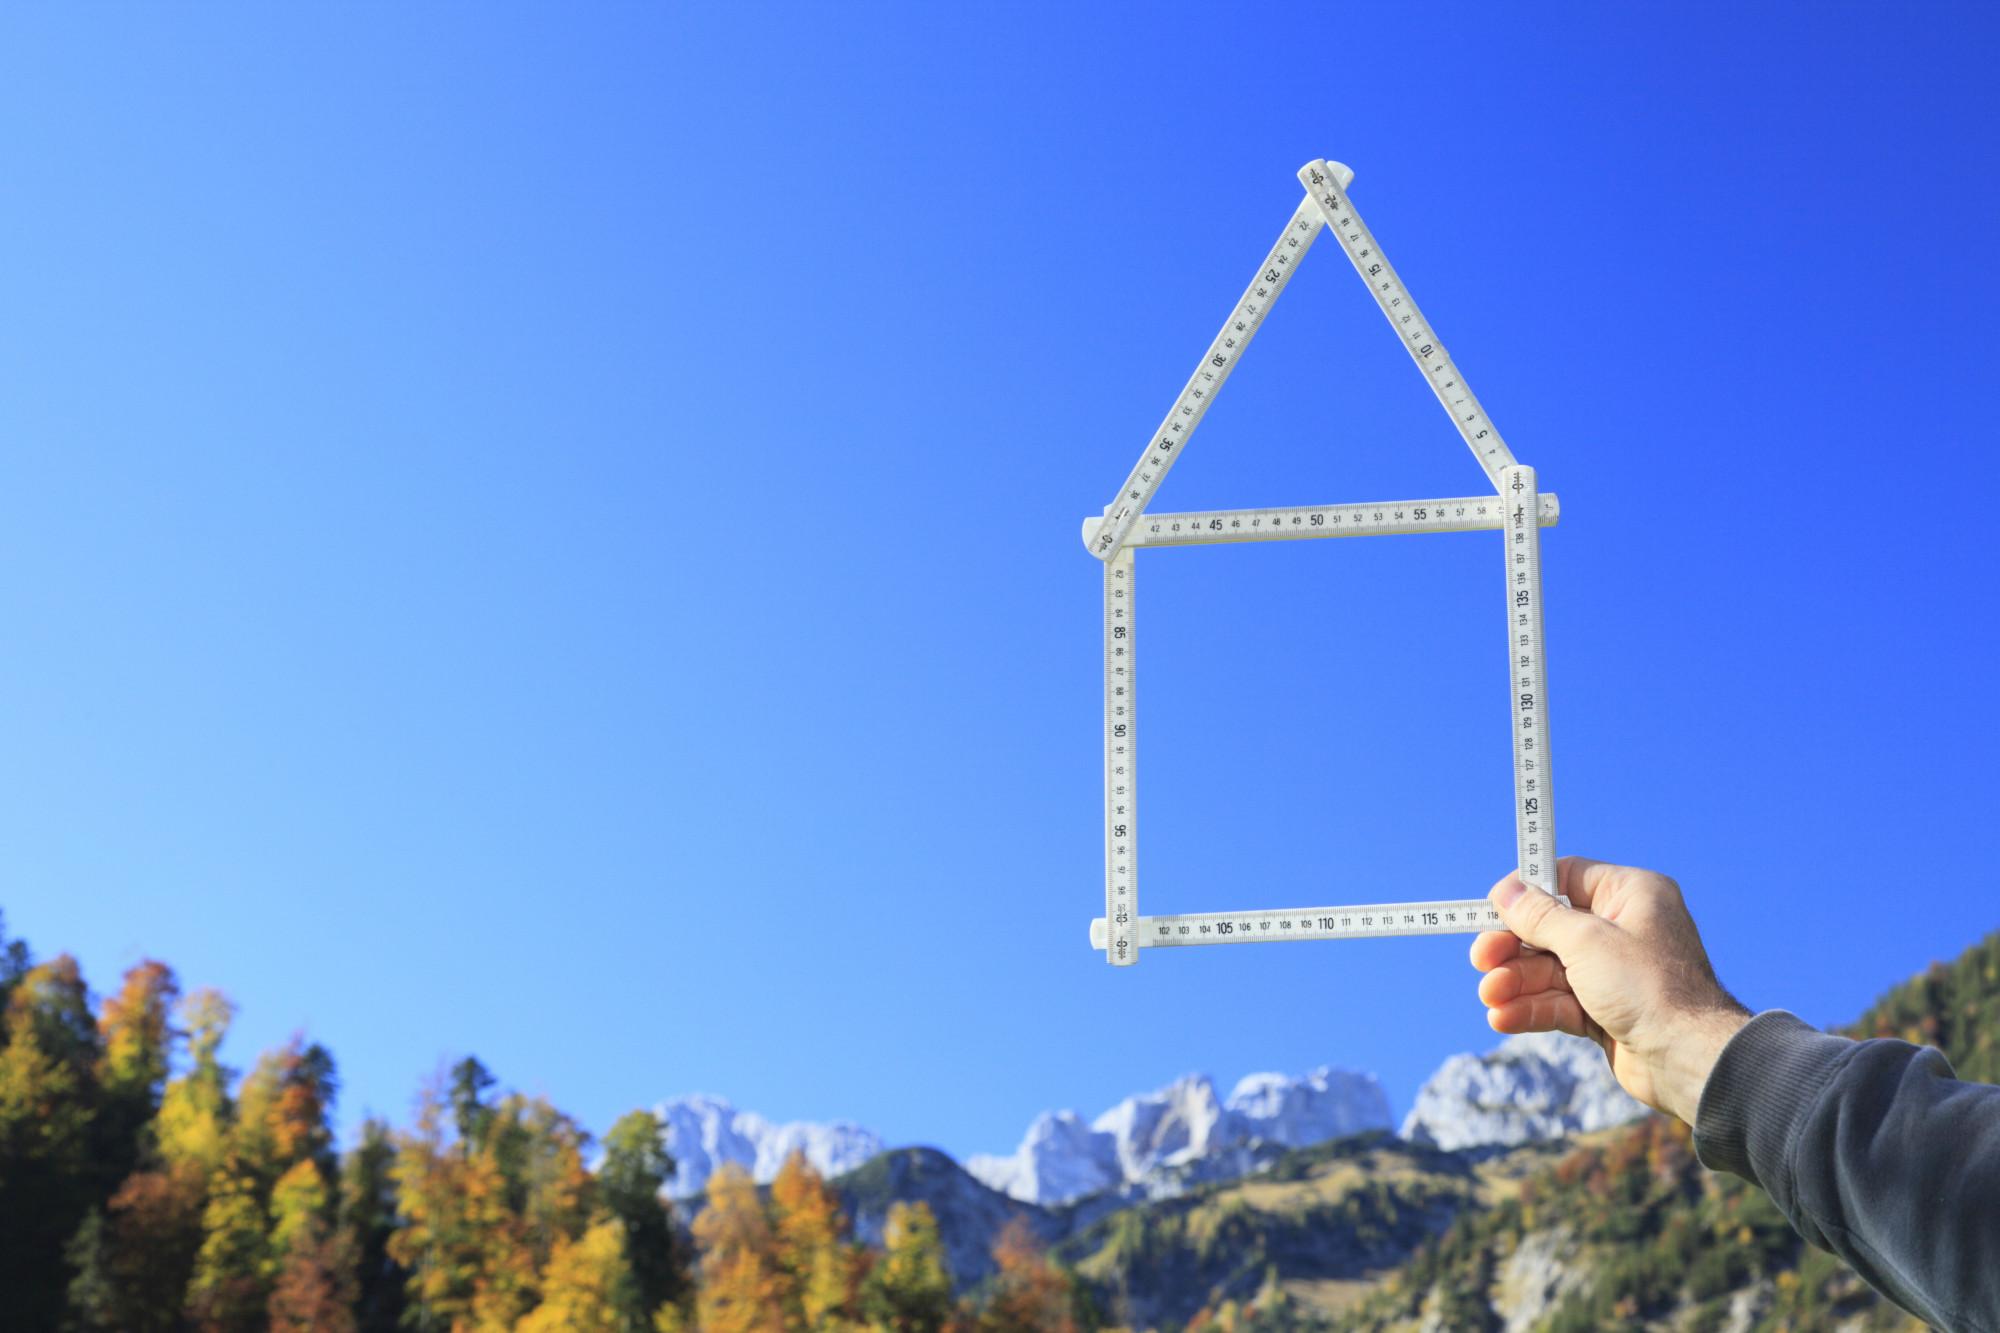 Avaliação bancária das casas sobe sem parar há mais de um ano